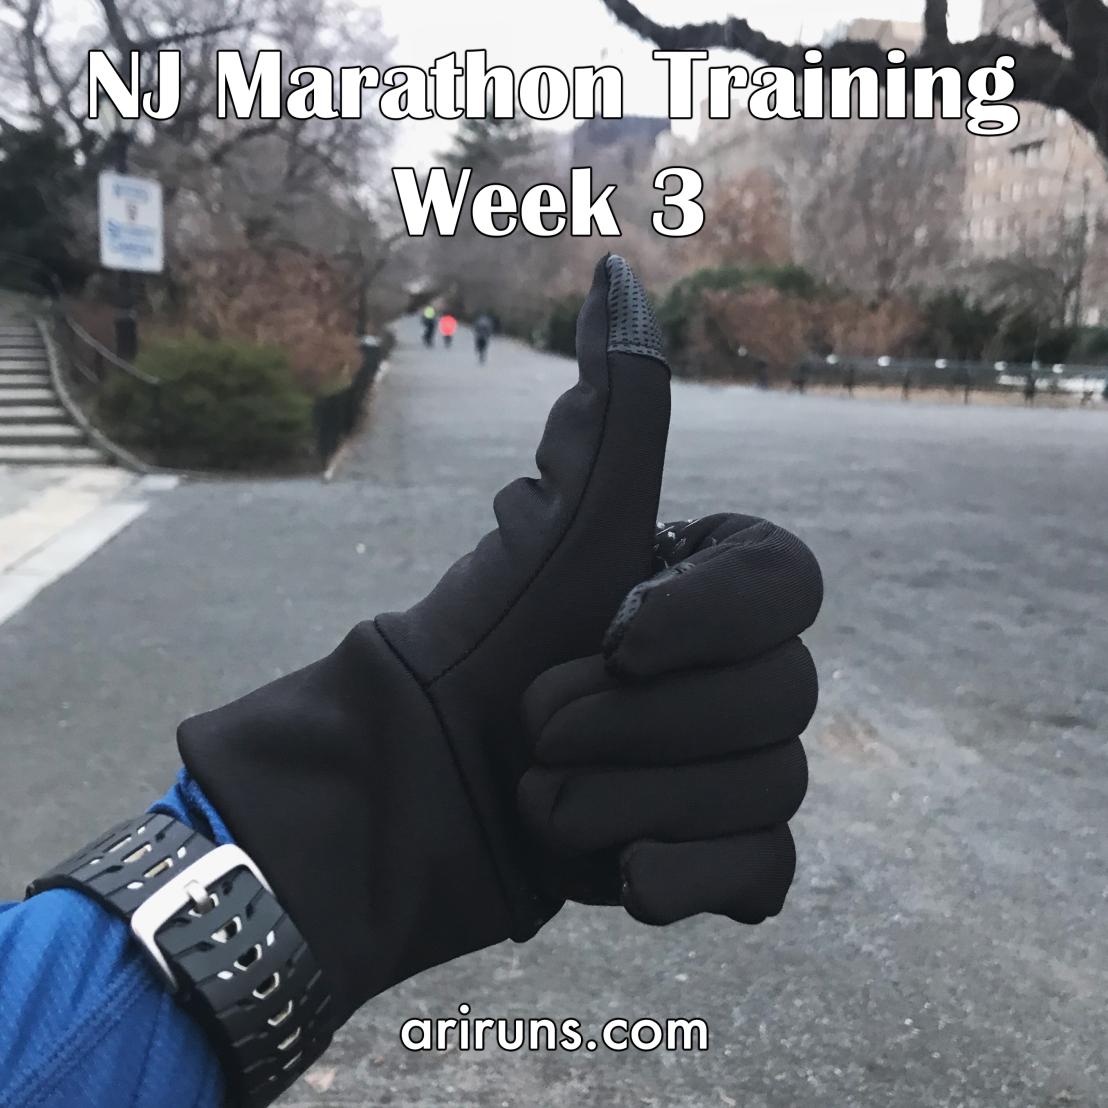 img_1990 nj marathon training week 3